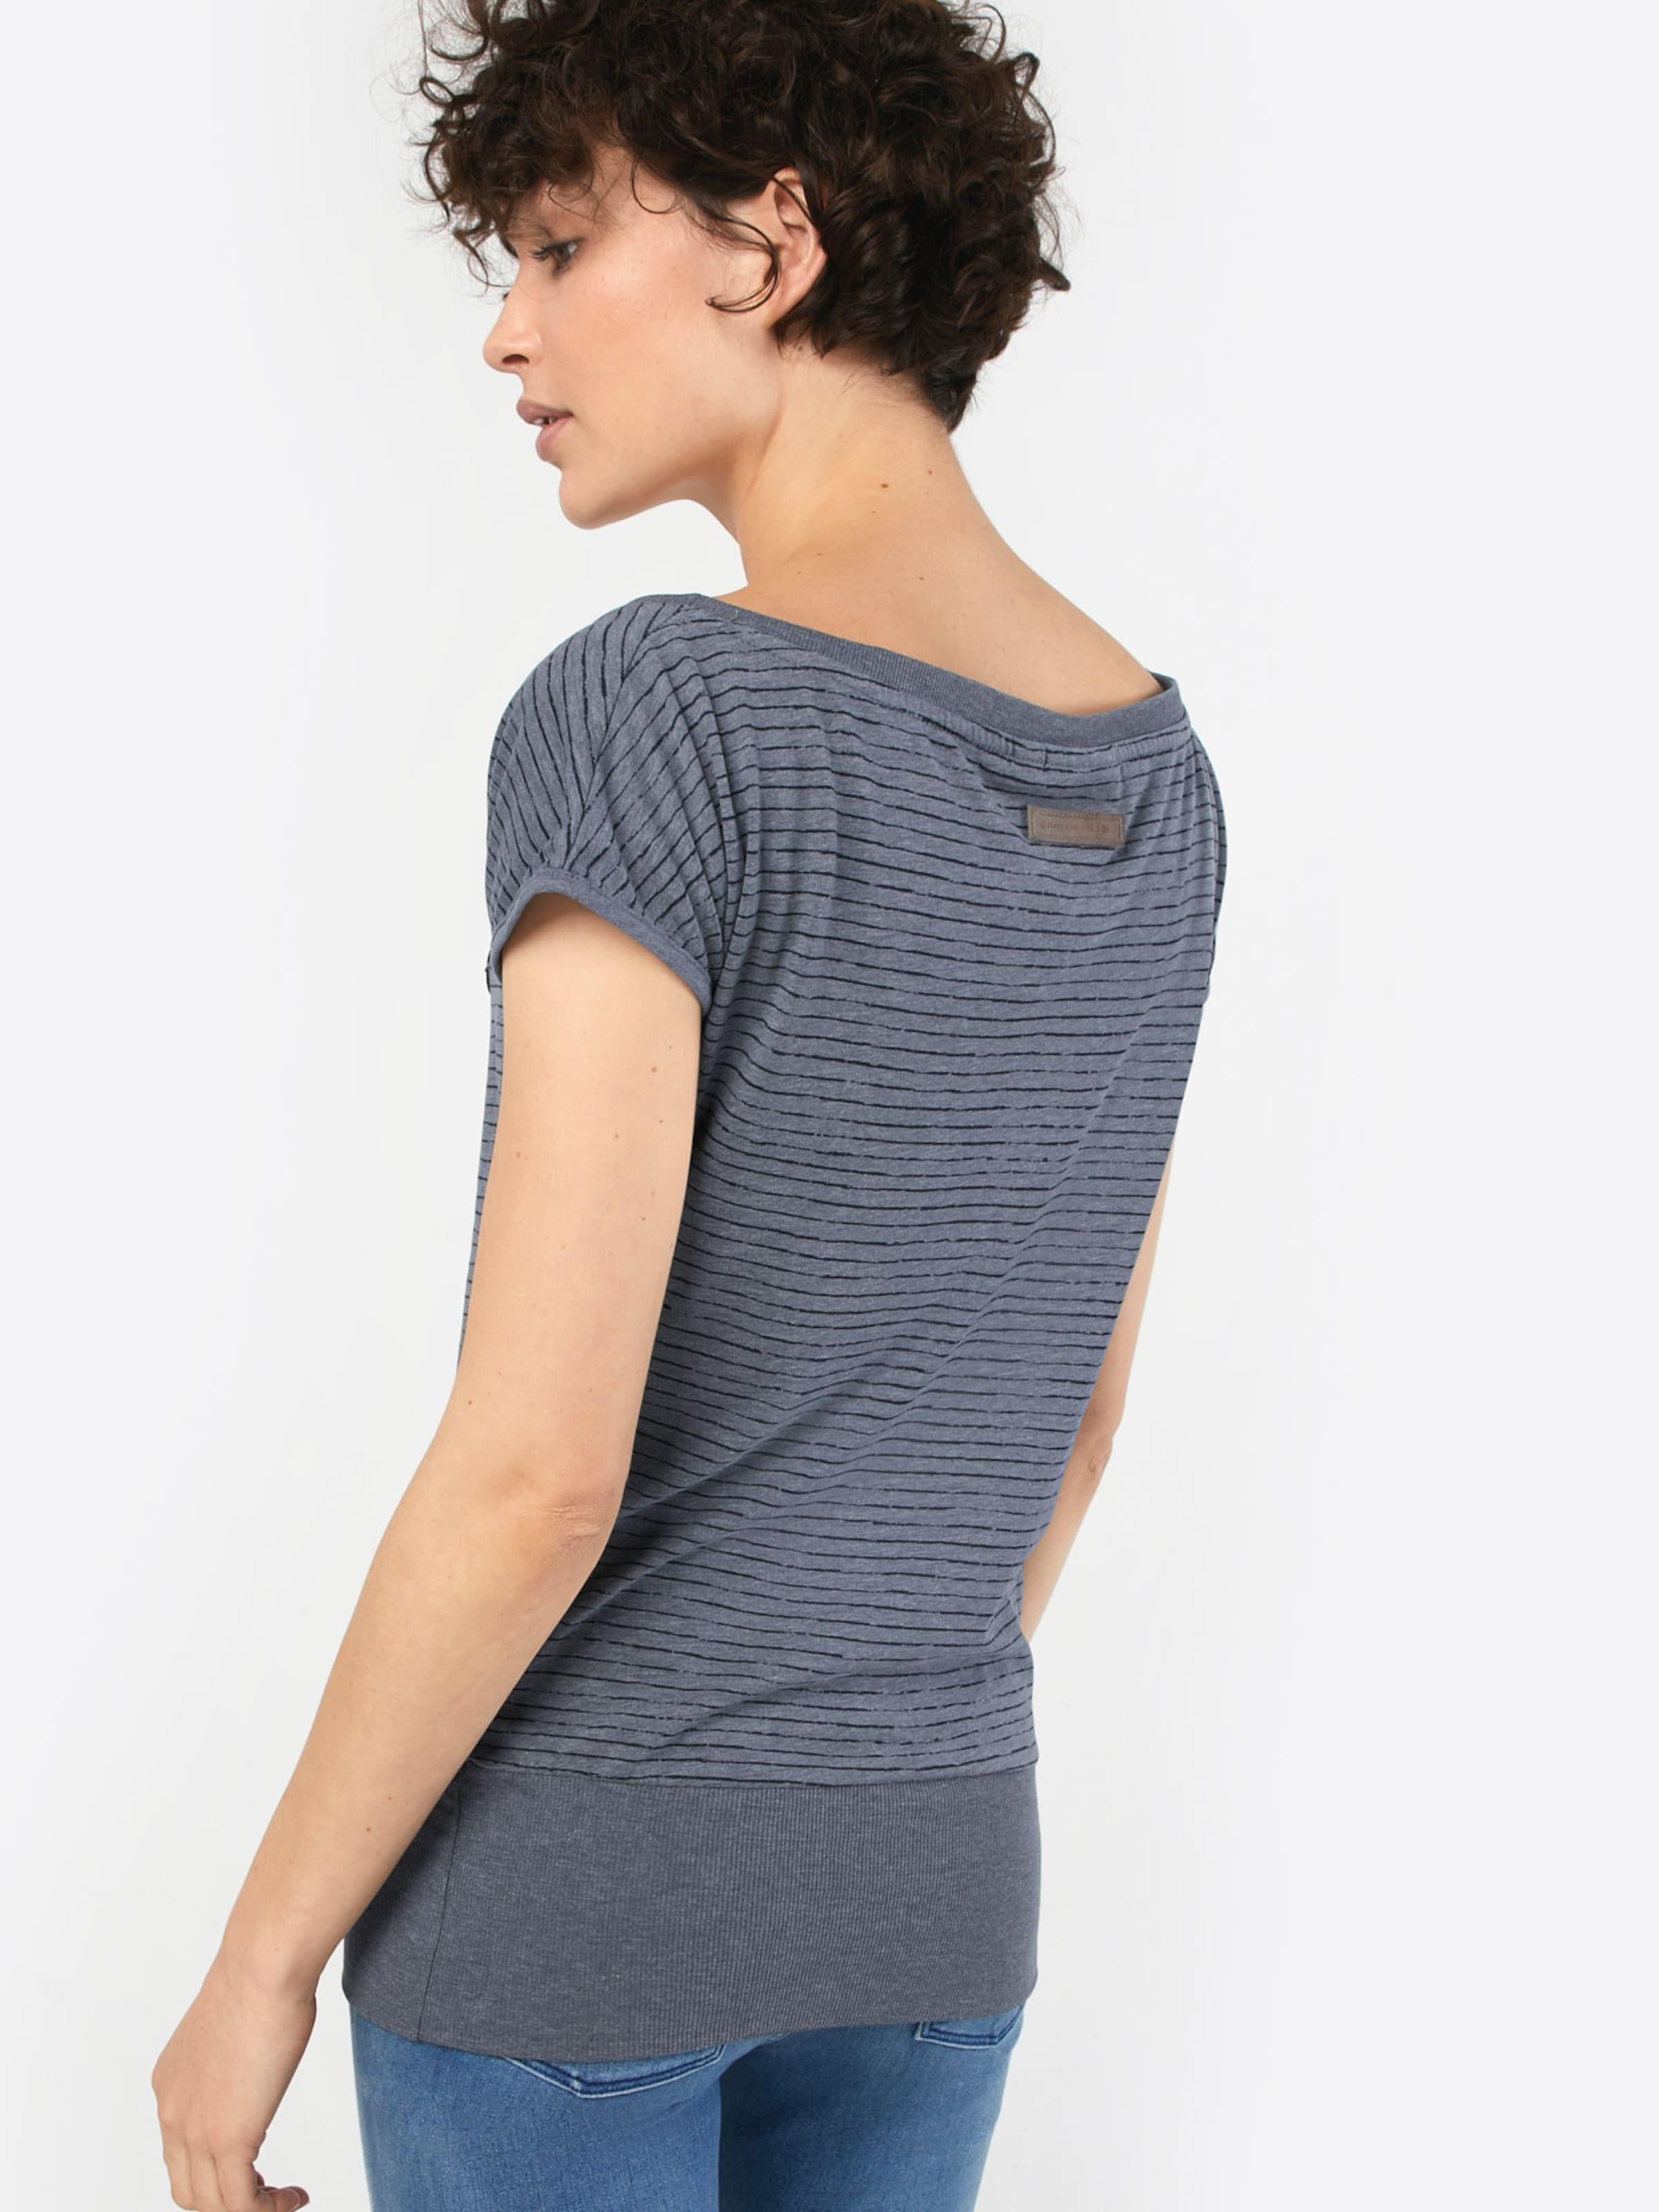 Freies Verschiffen Ebay naketano T-Shirt 'Wolle Dizzy VIII' Billig Beliebt Mit Kreditkarte Zu Verkaufen Ebay Auslass Verkauf Des Niedrigen Preises Online xRjOvGZV